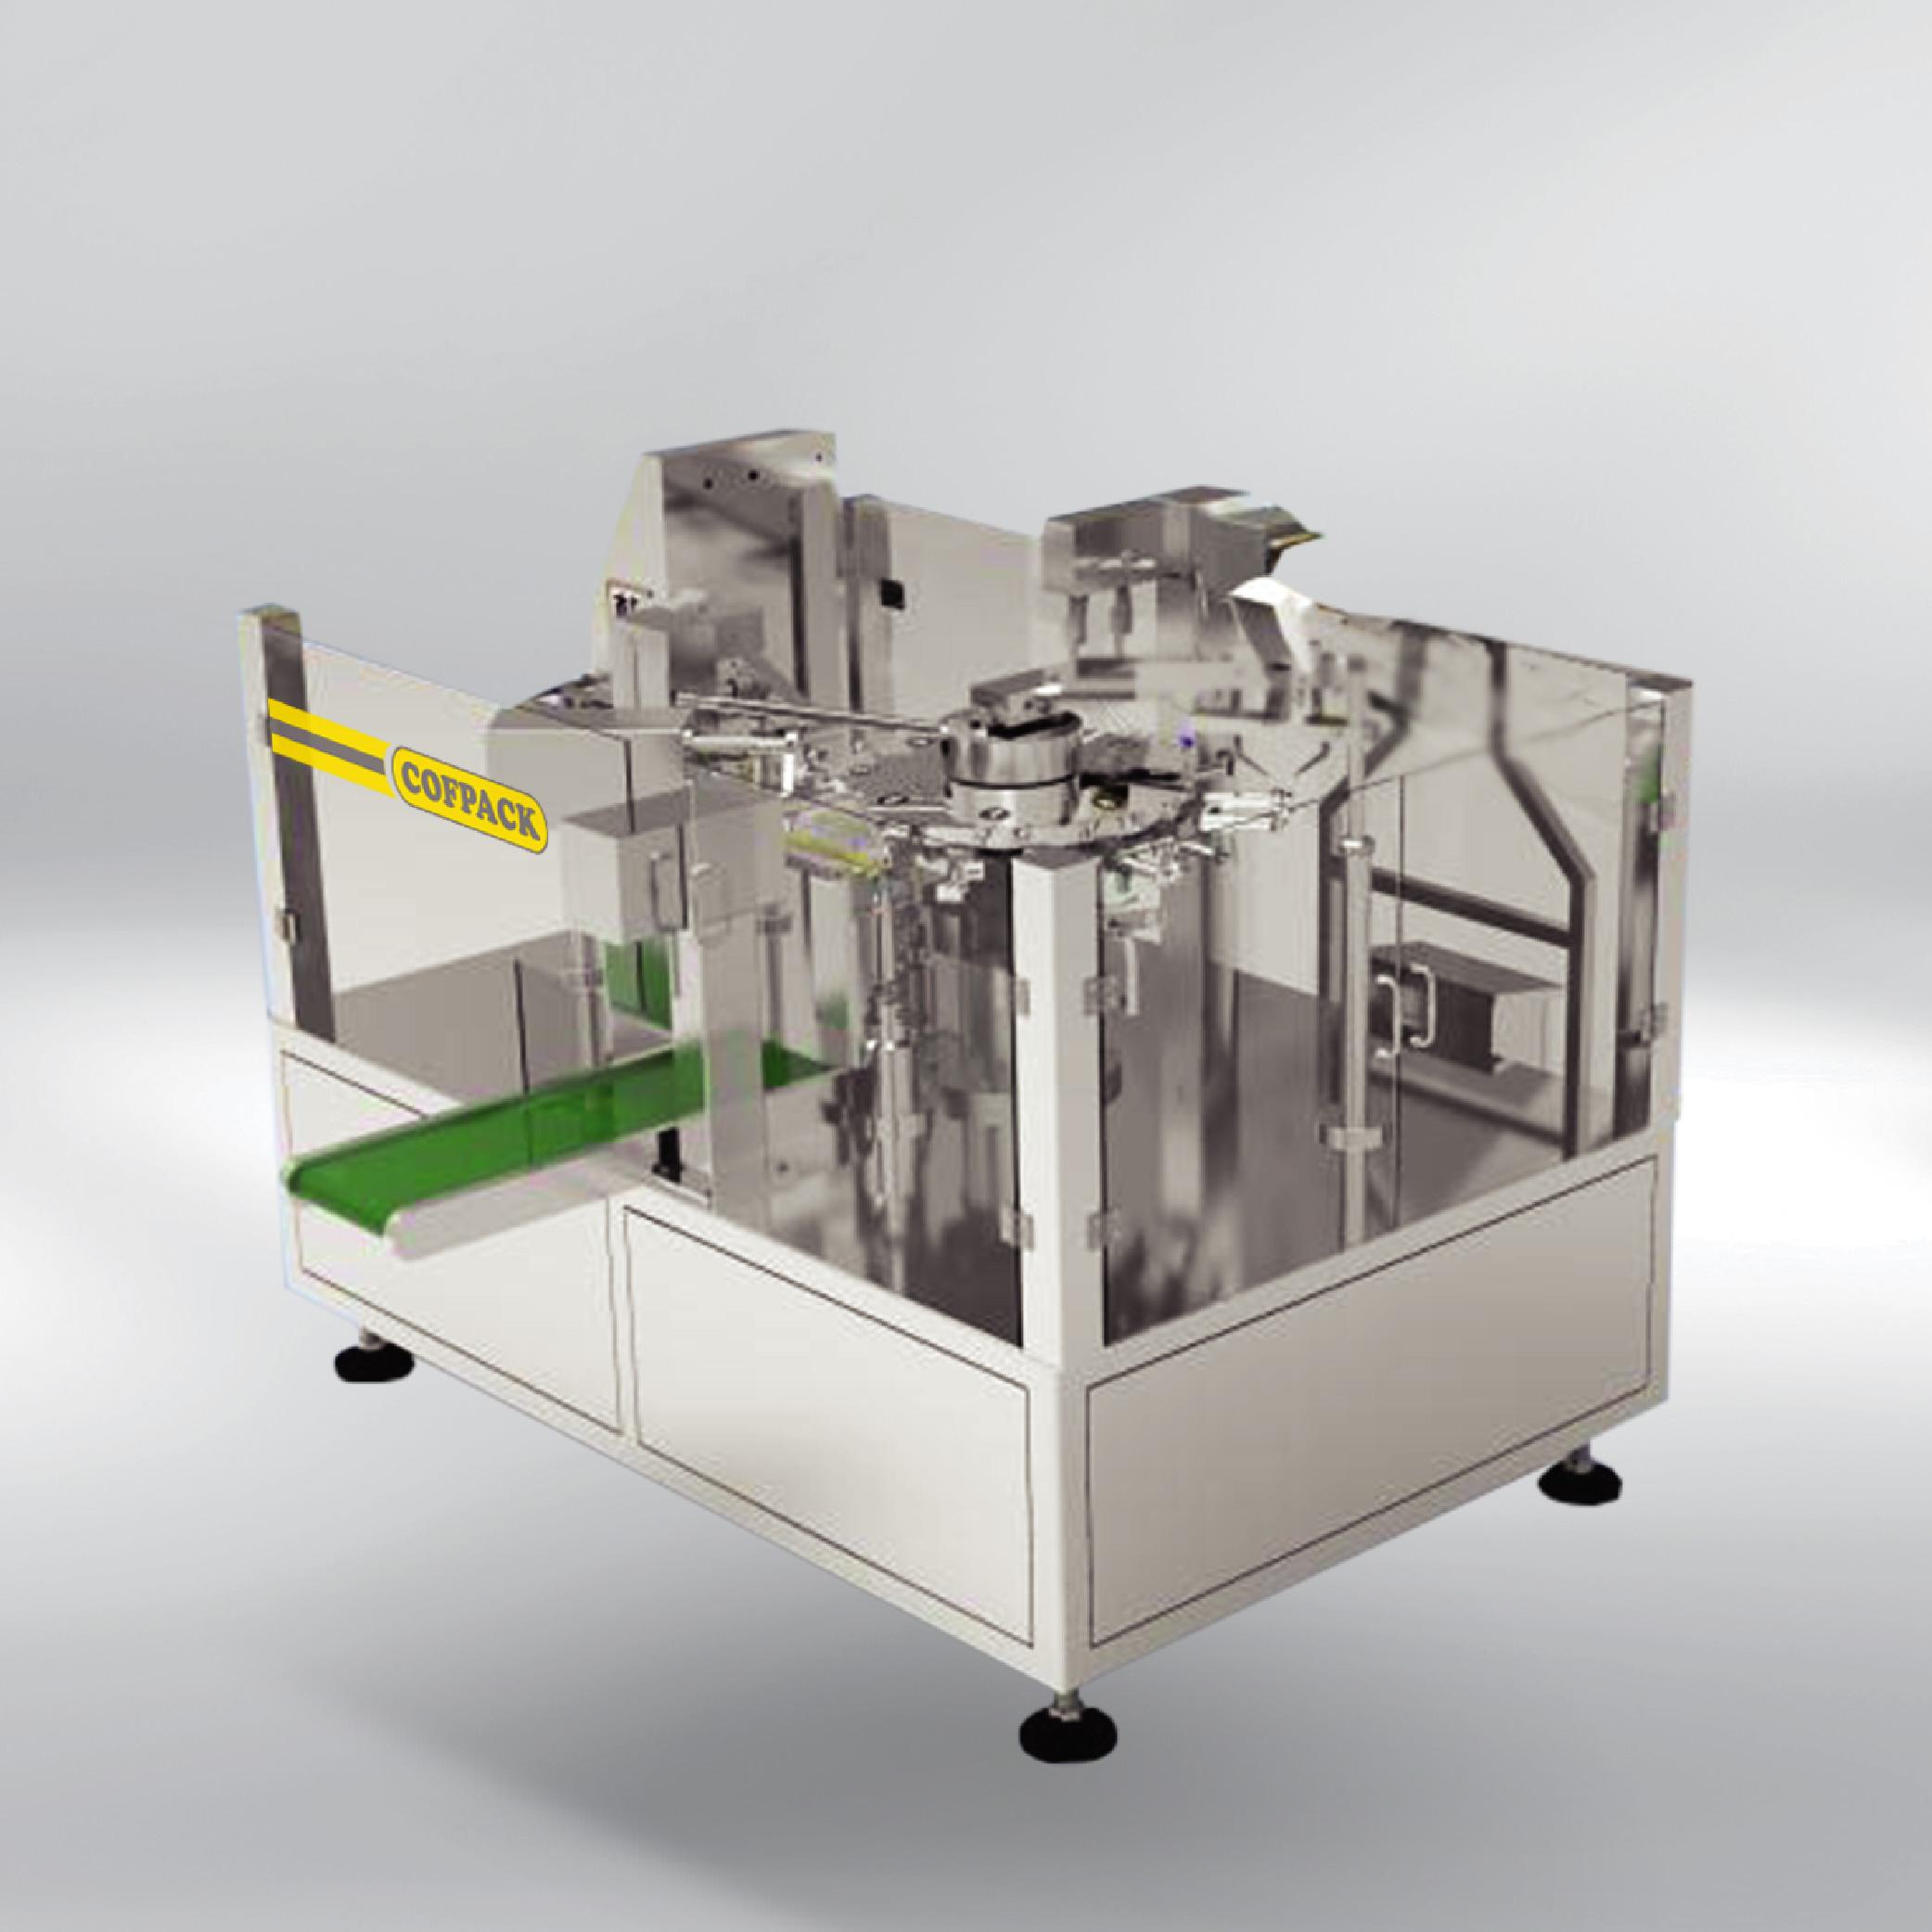 Packaging machine COFPACK DOYPACK K 8-35